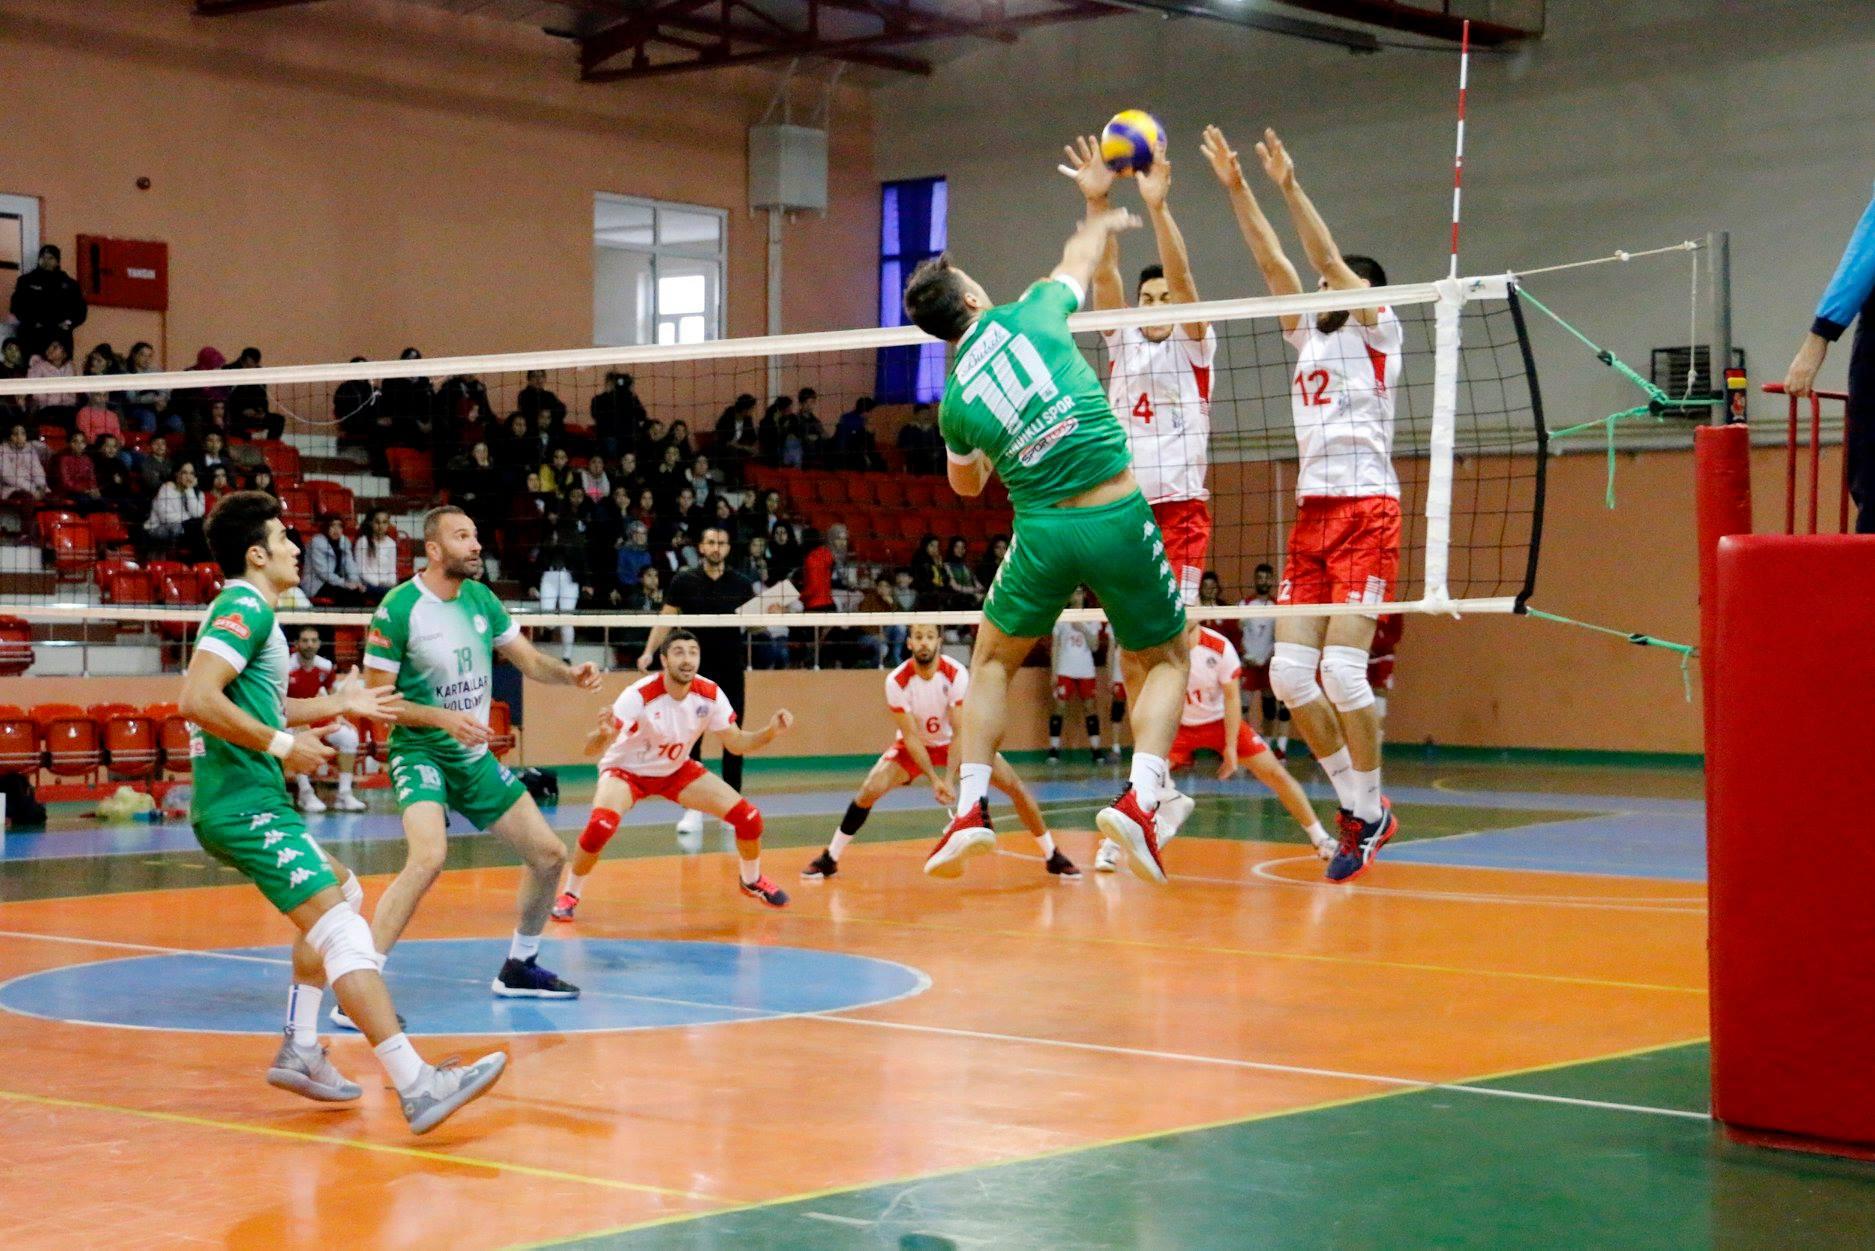 Akkuş Belediyespor - Solhan Spor Karşılaşıyor 1 Aralık 2018 Cumartesi Saat 14.00 Solhan Spor Salonu Bingöl